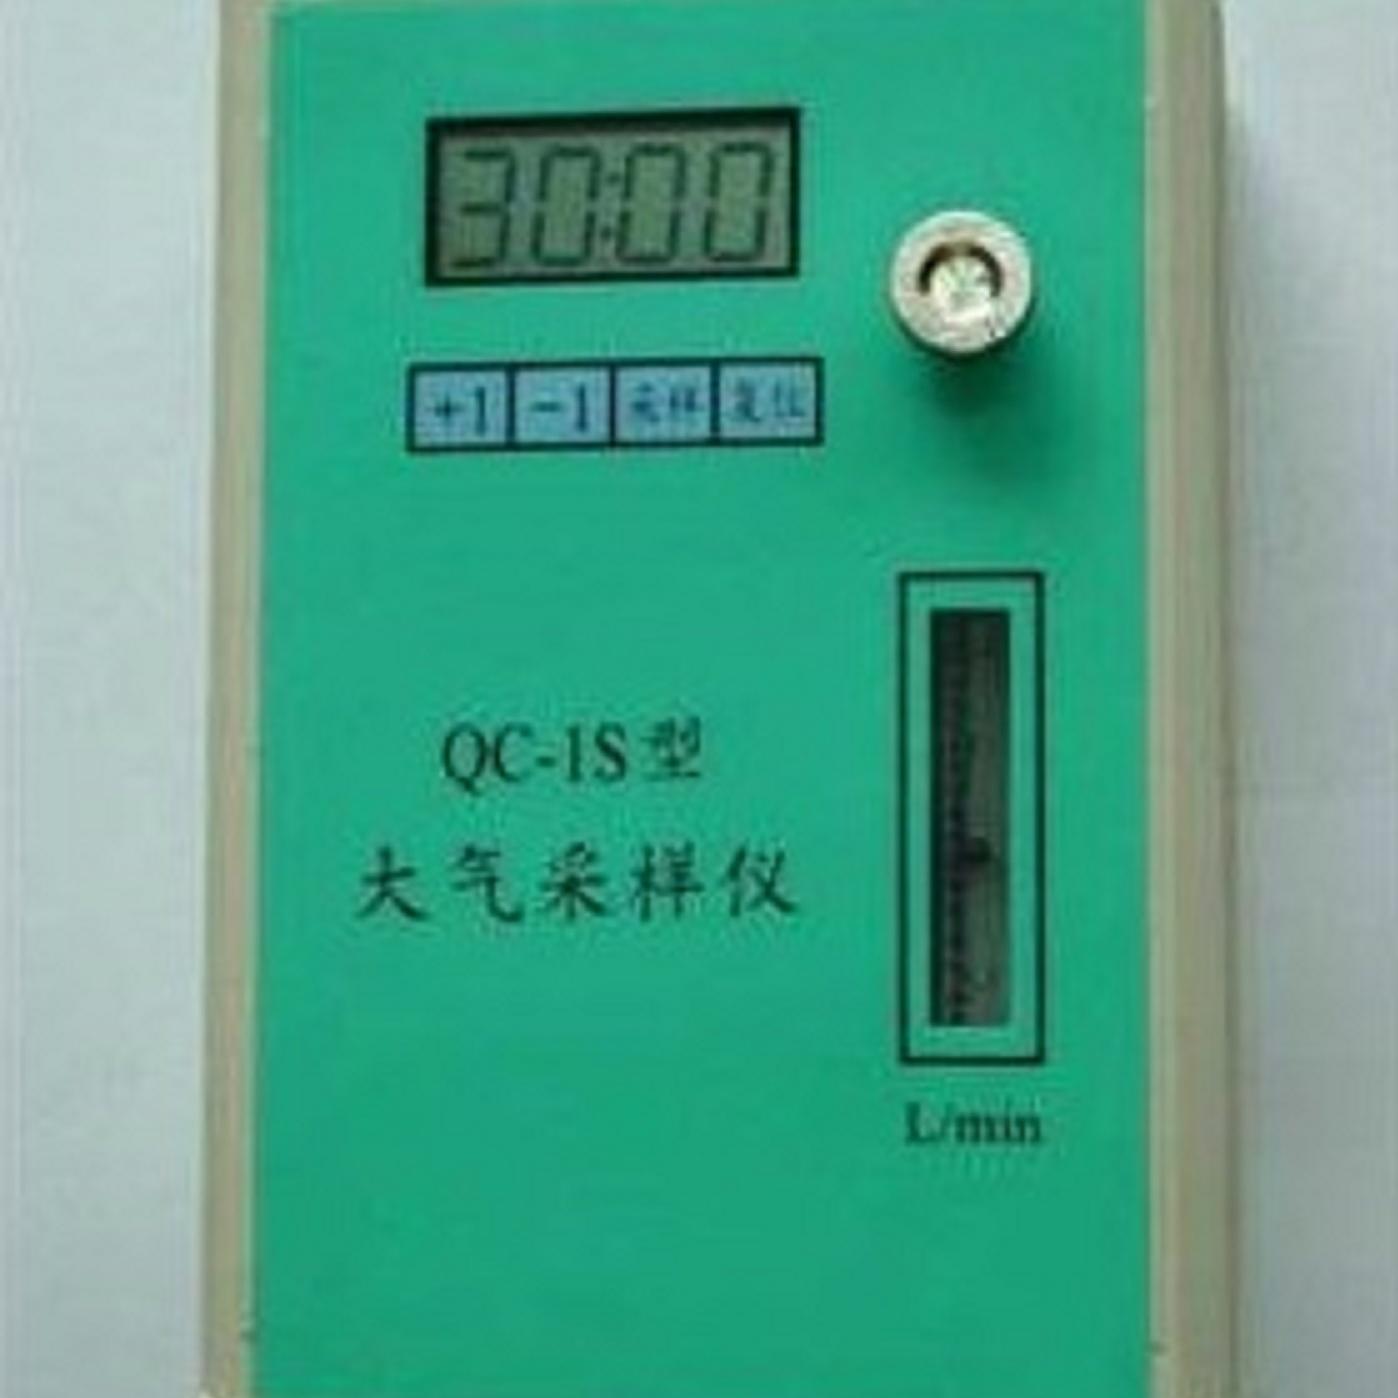 单气路大气采样器